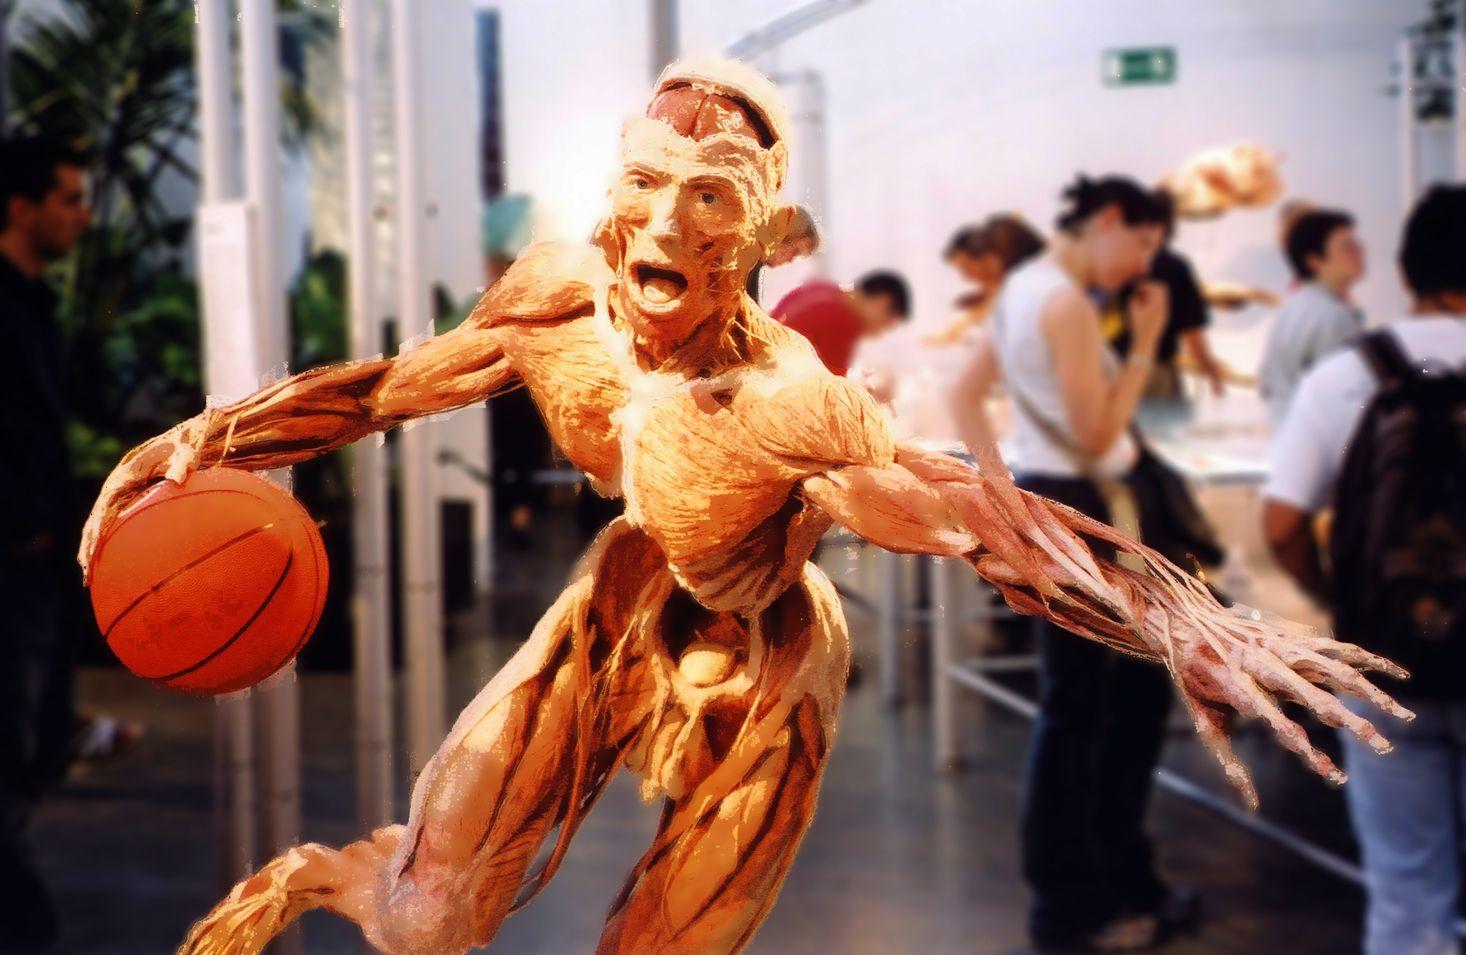 body works exhibit denver - Hong.hankk.co